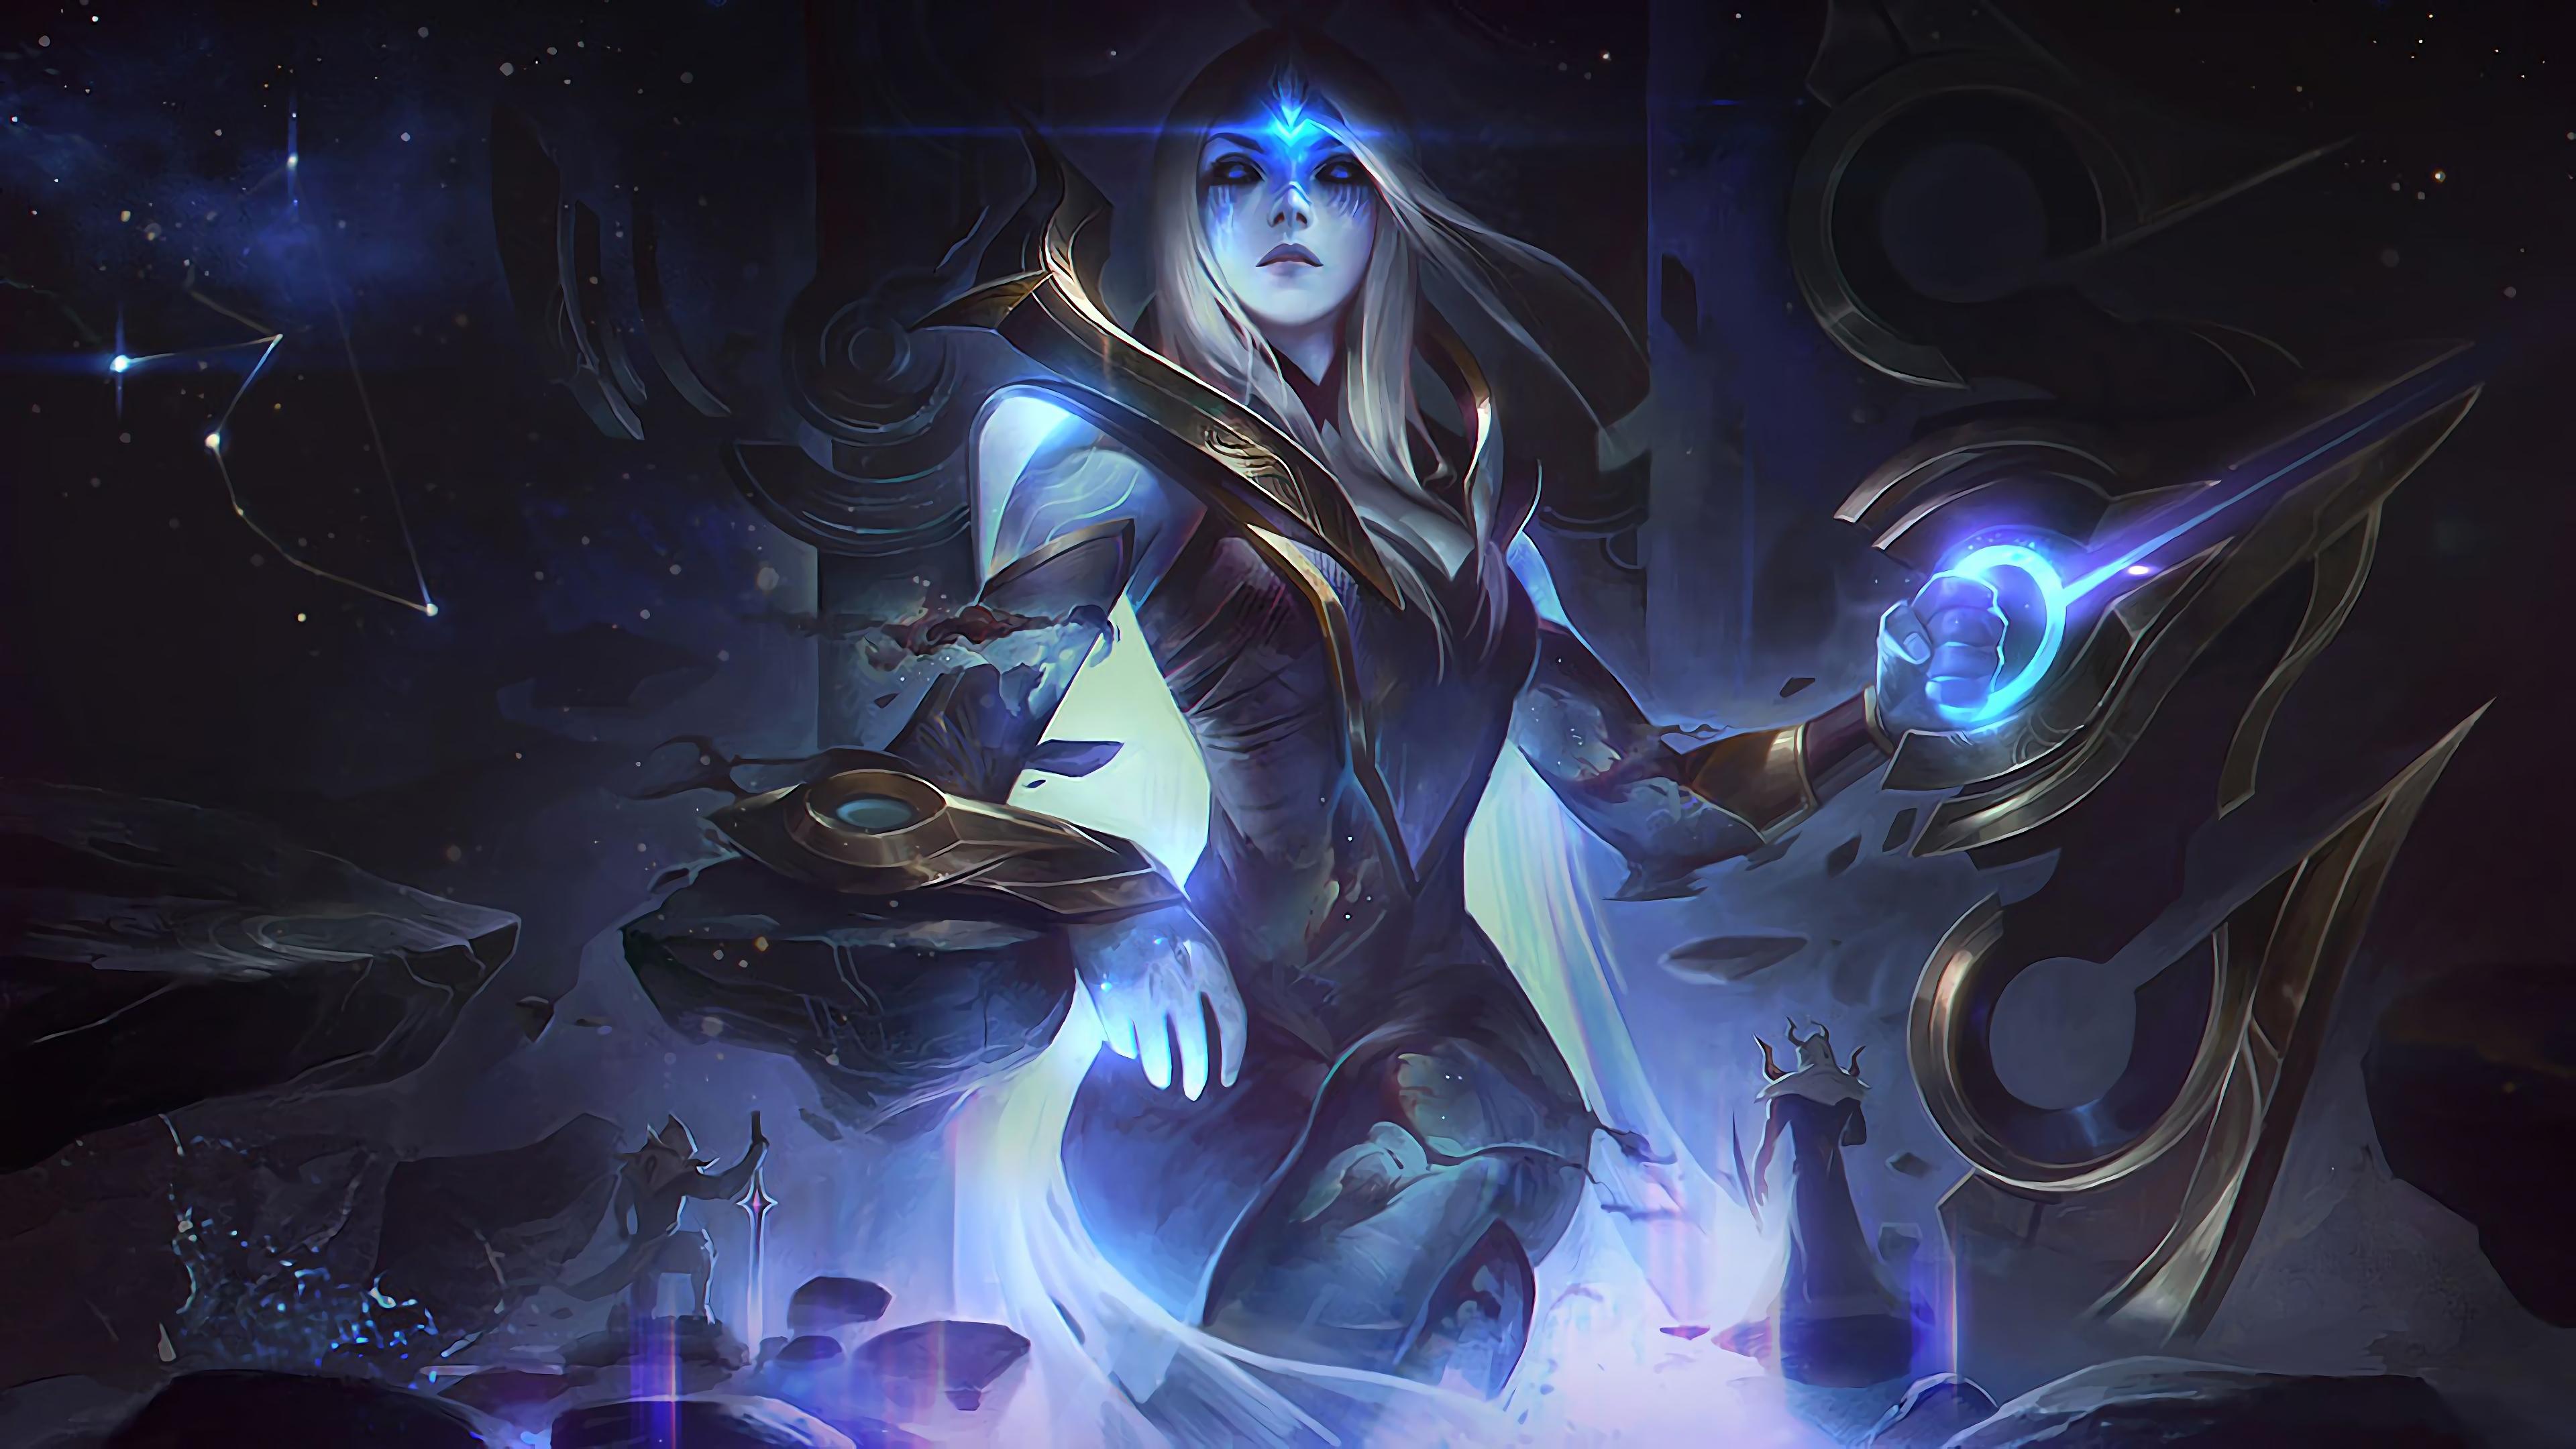 cosmic queen ashe lol splash art league of legends lol 1574103878 - Cosmic Queen Ashe LoL Splash Art League of Legends lol - league of legends, Cosmic - League of Legends, Ashe